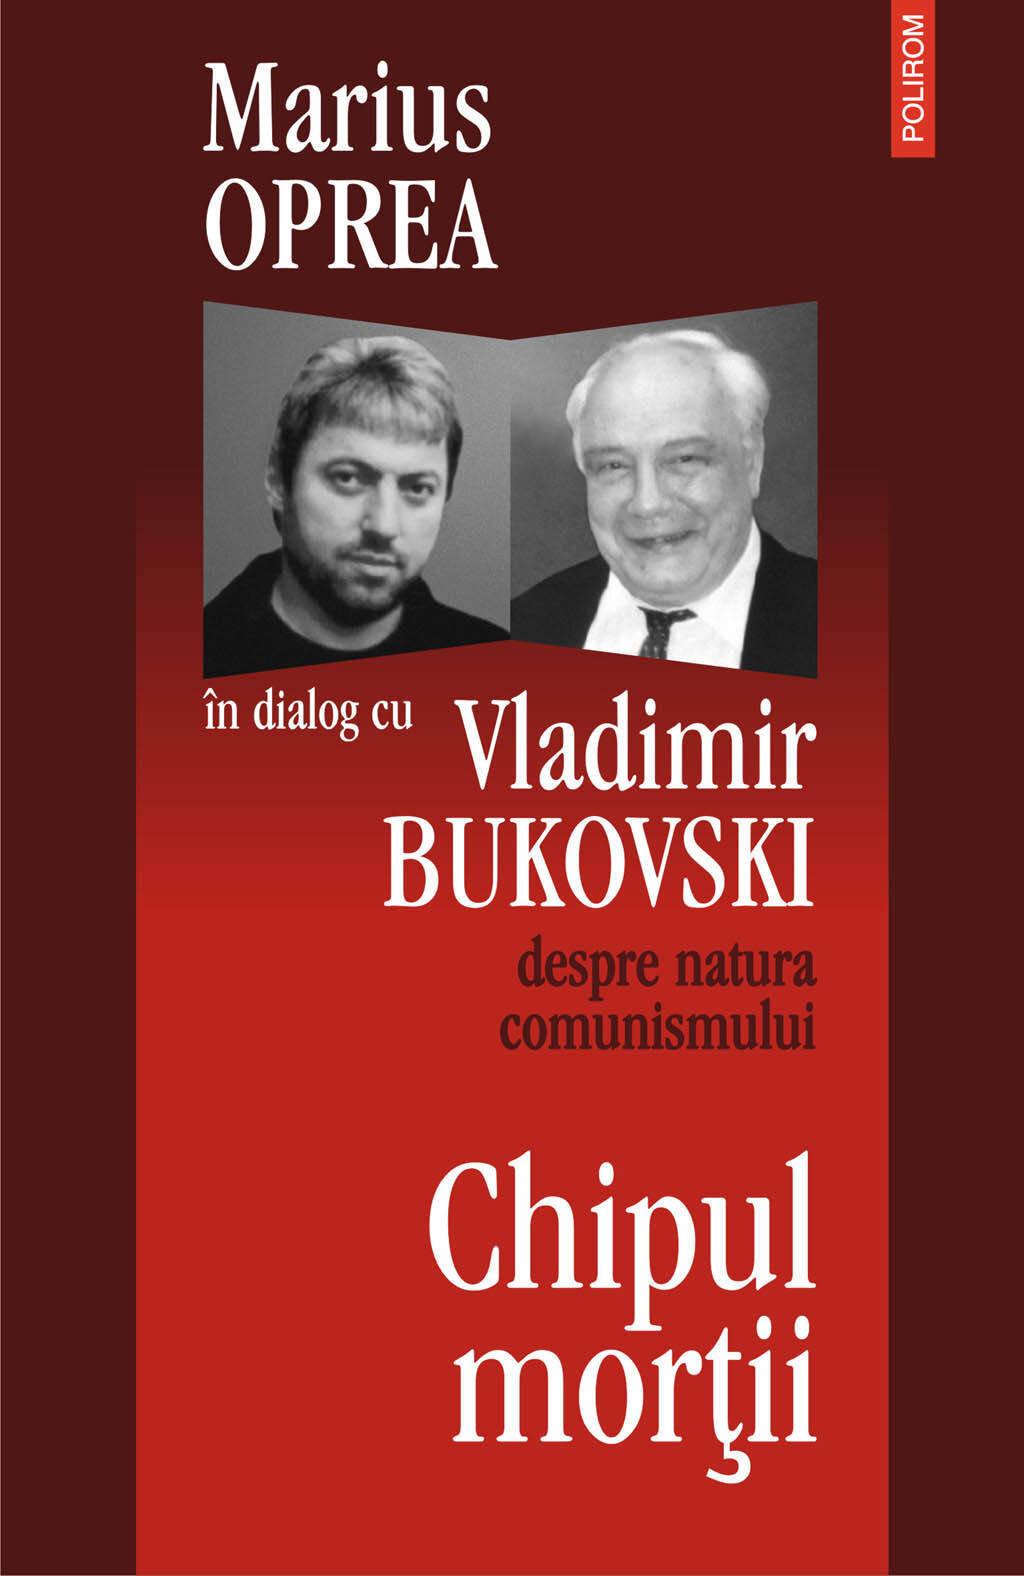 Chipul mortii: dialog cu Vladimir Bukowski despre natura comunismullui (eBook)